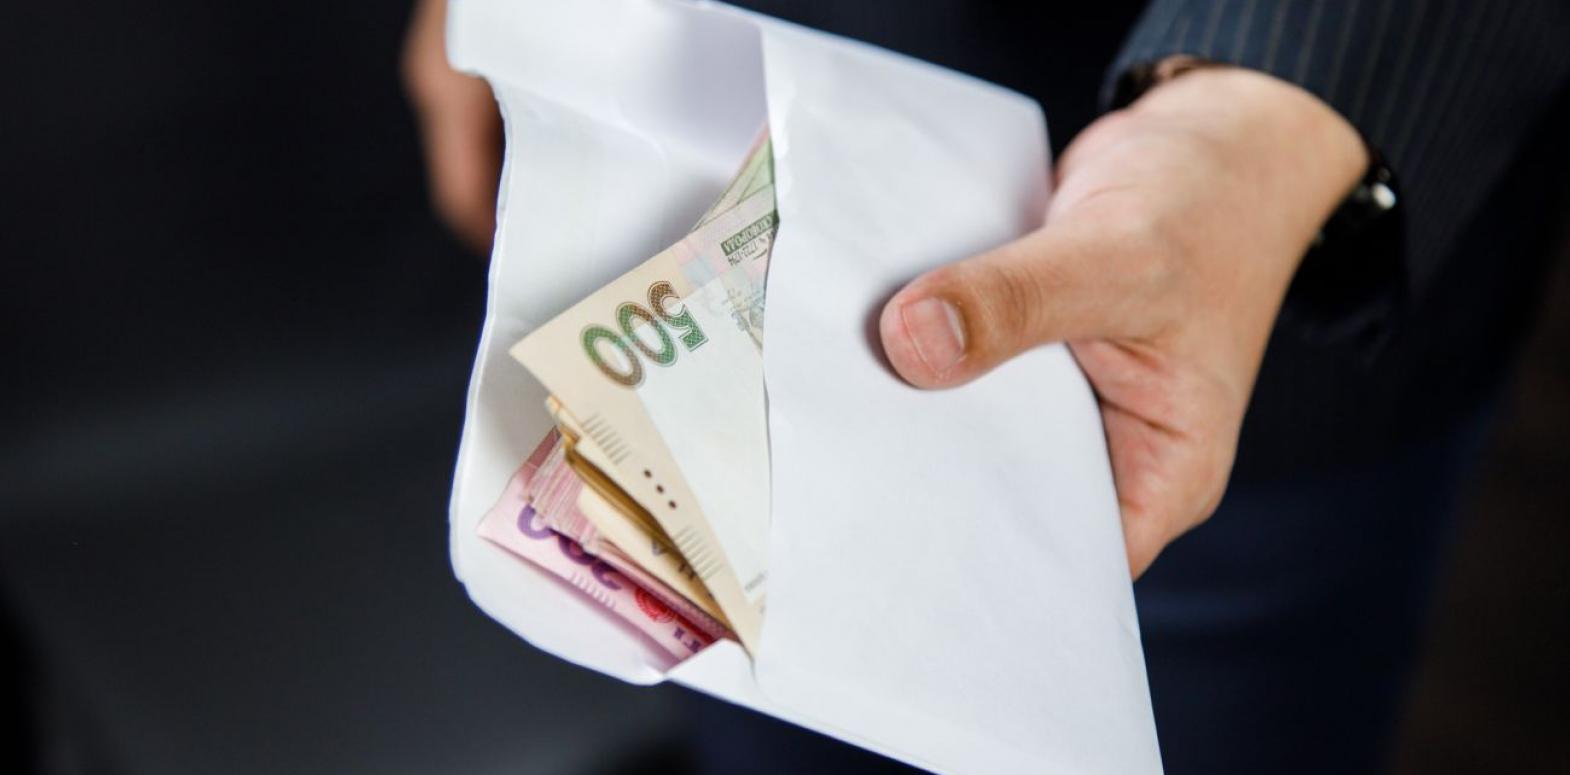 Безработных предупредили об уголовной ответственности за незаконный доход